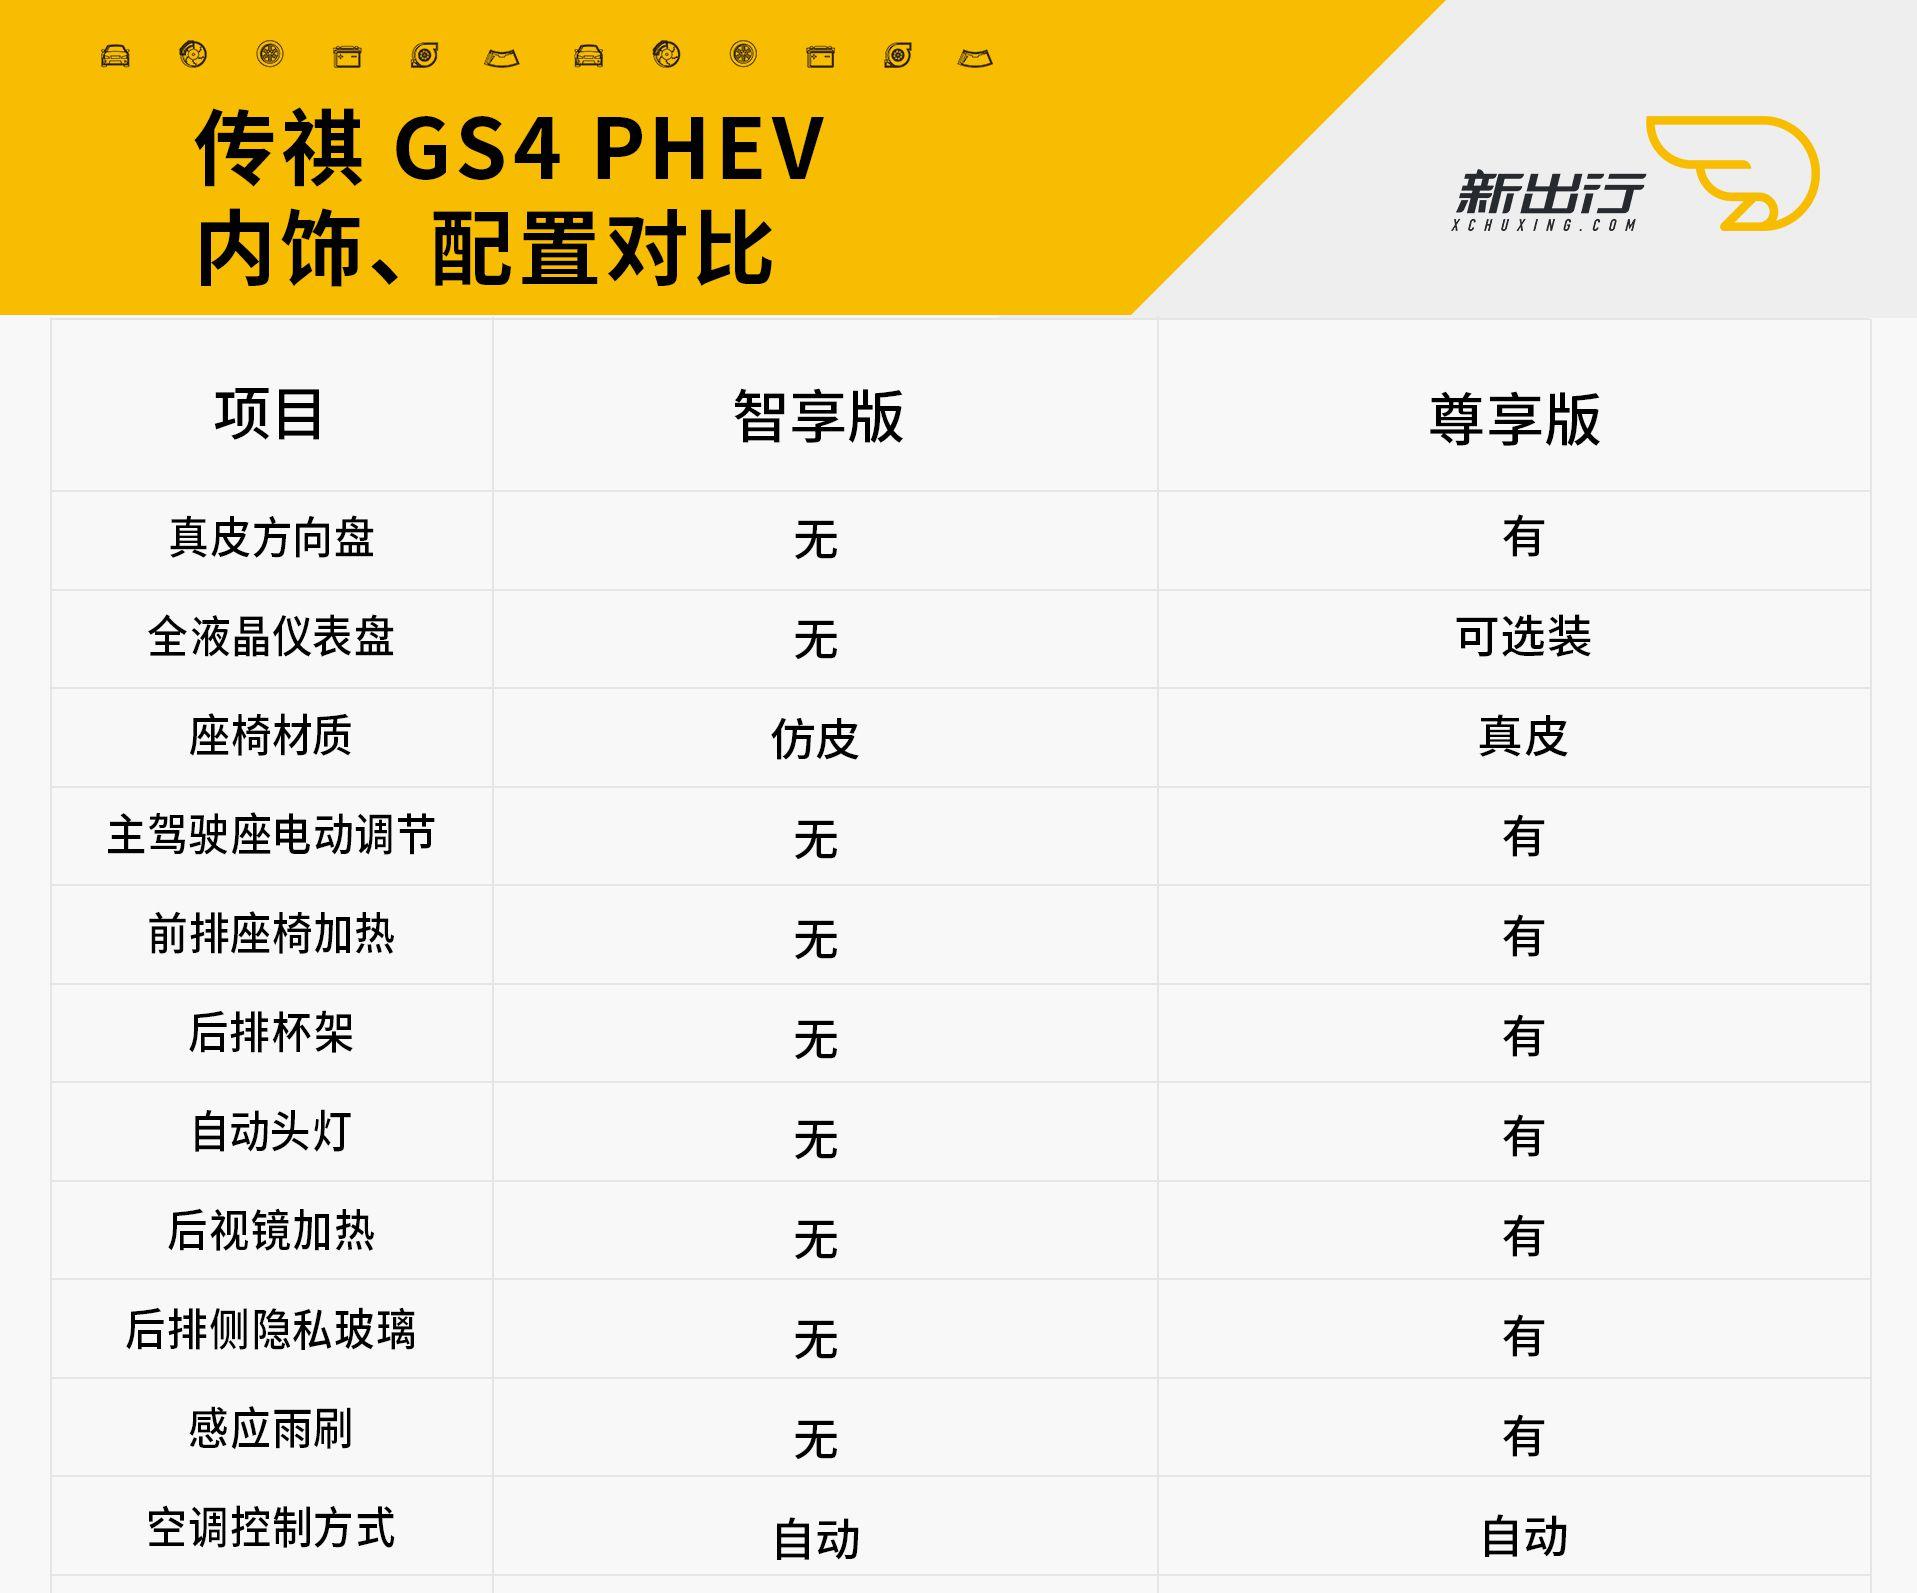 GS4 PHEV 配置差异对比_副本.jpg